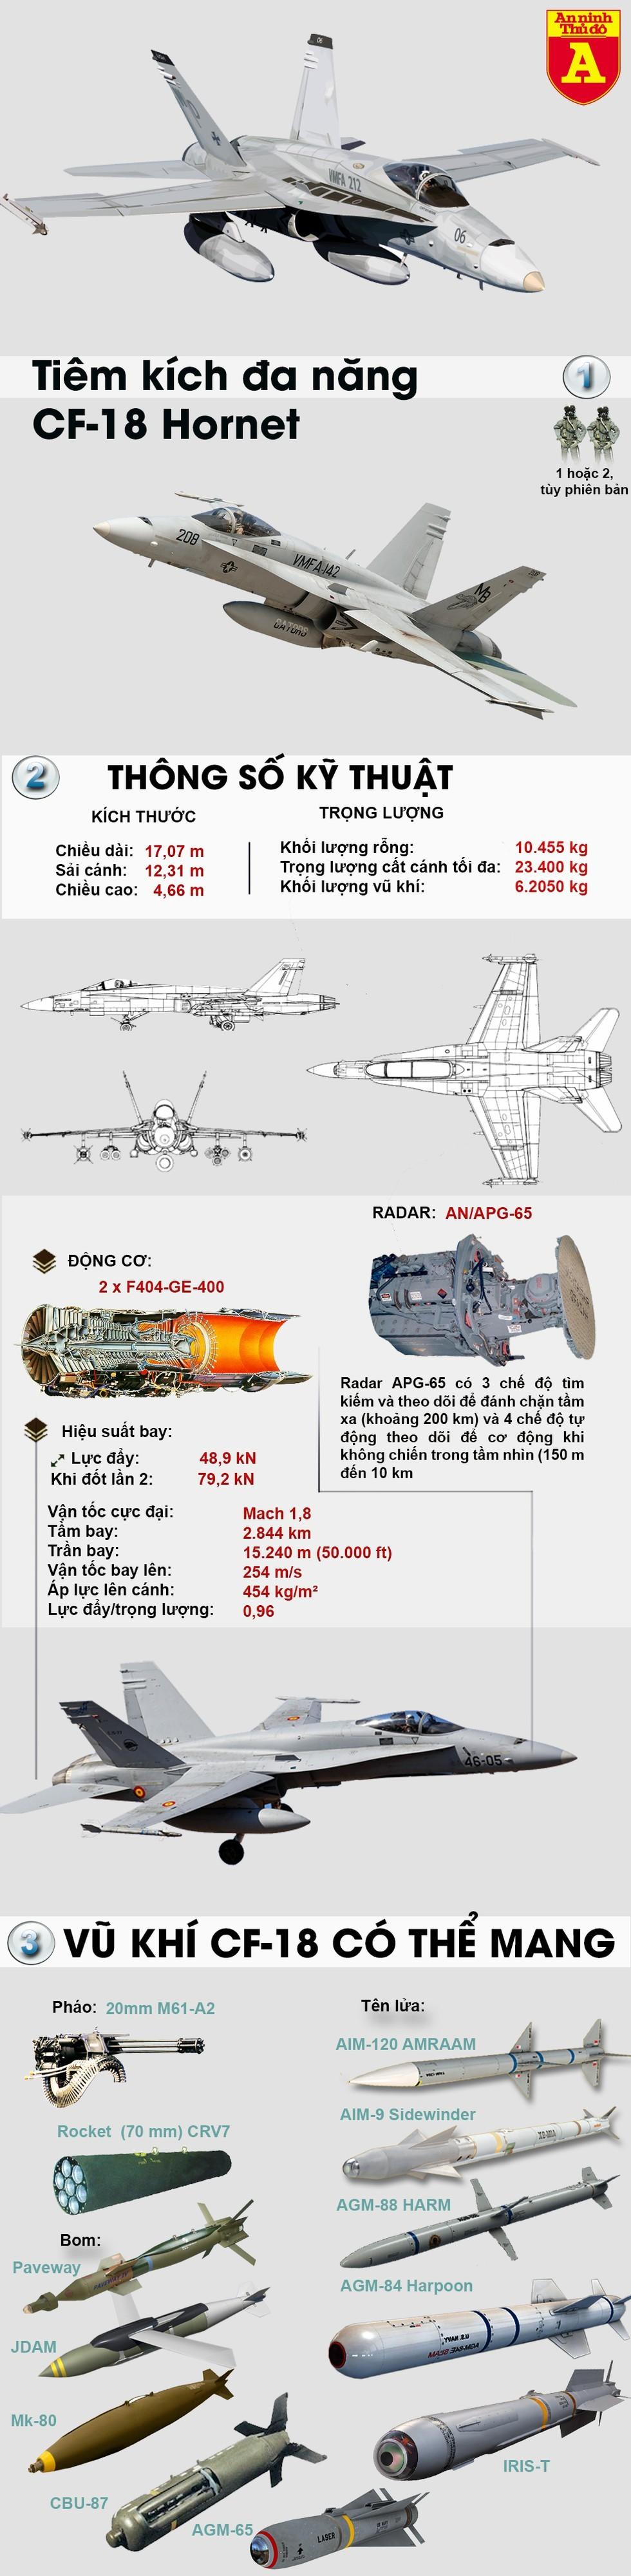 """[Info] Tiêm kích CF-18 Canada bay vọt lên chặn """"gấu già"""" Tu-142 ảnh 2"""